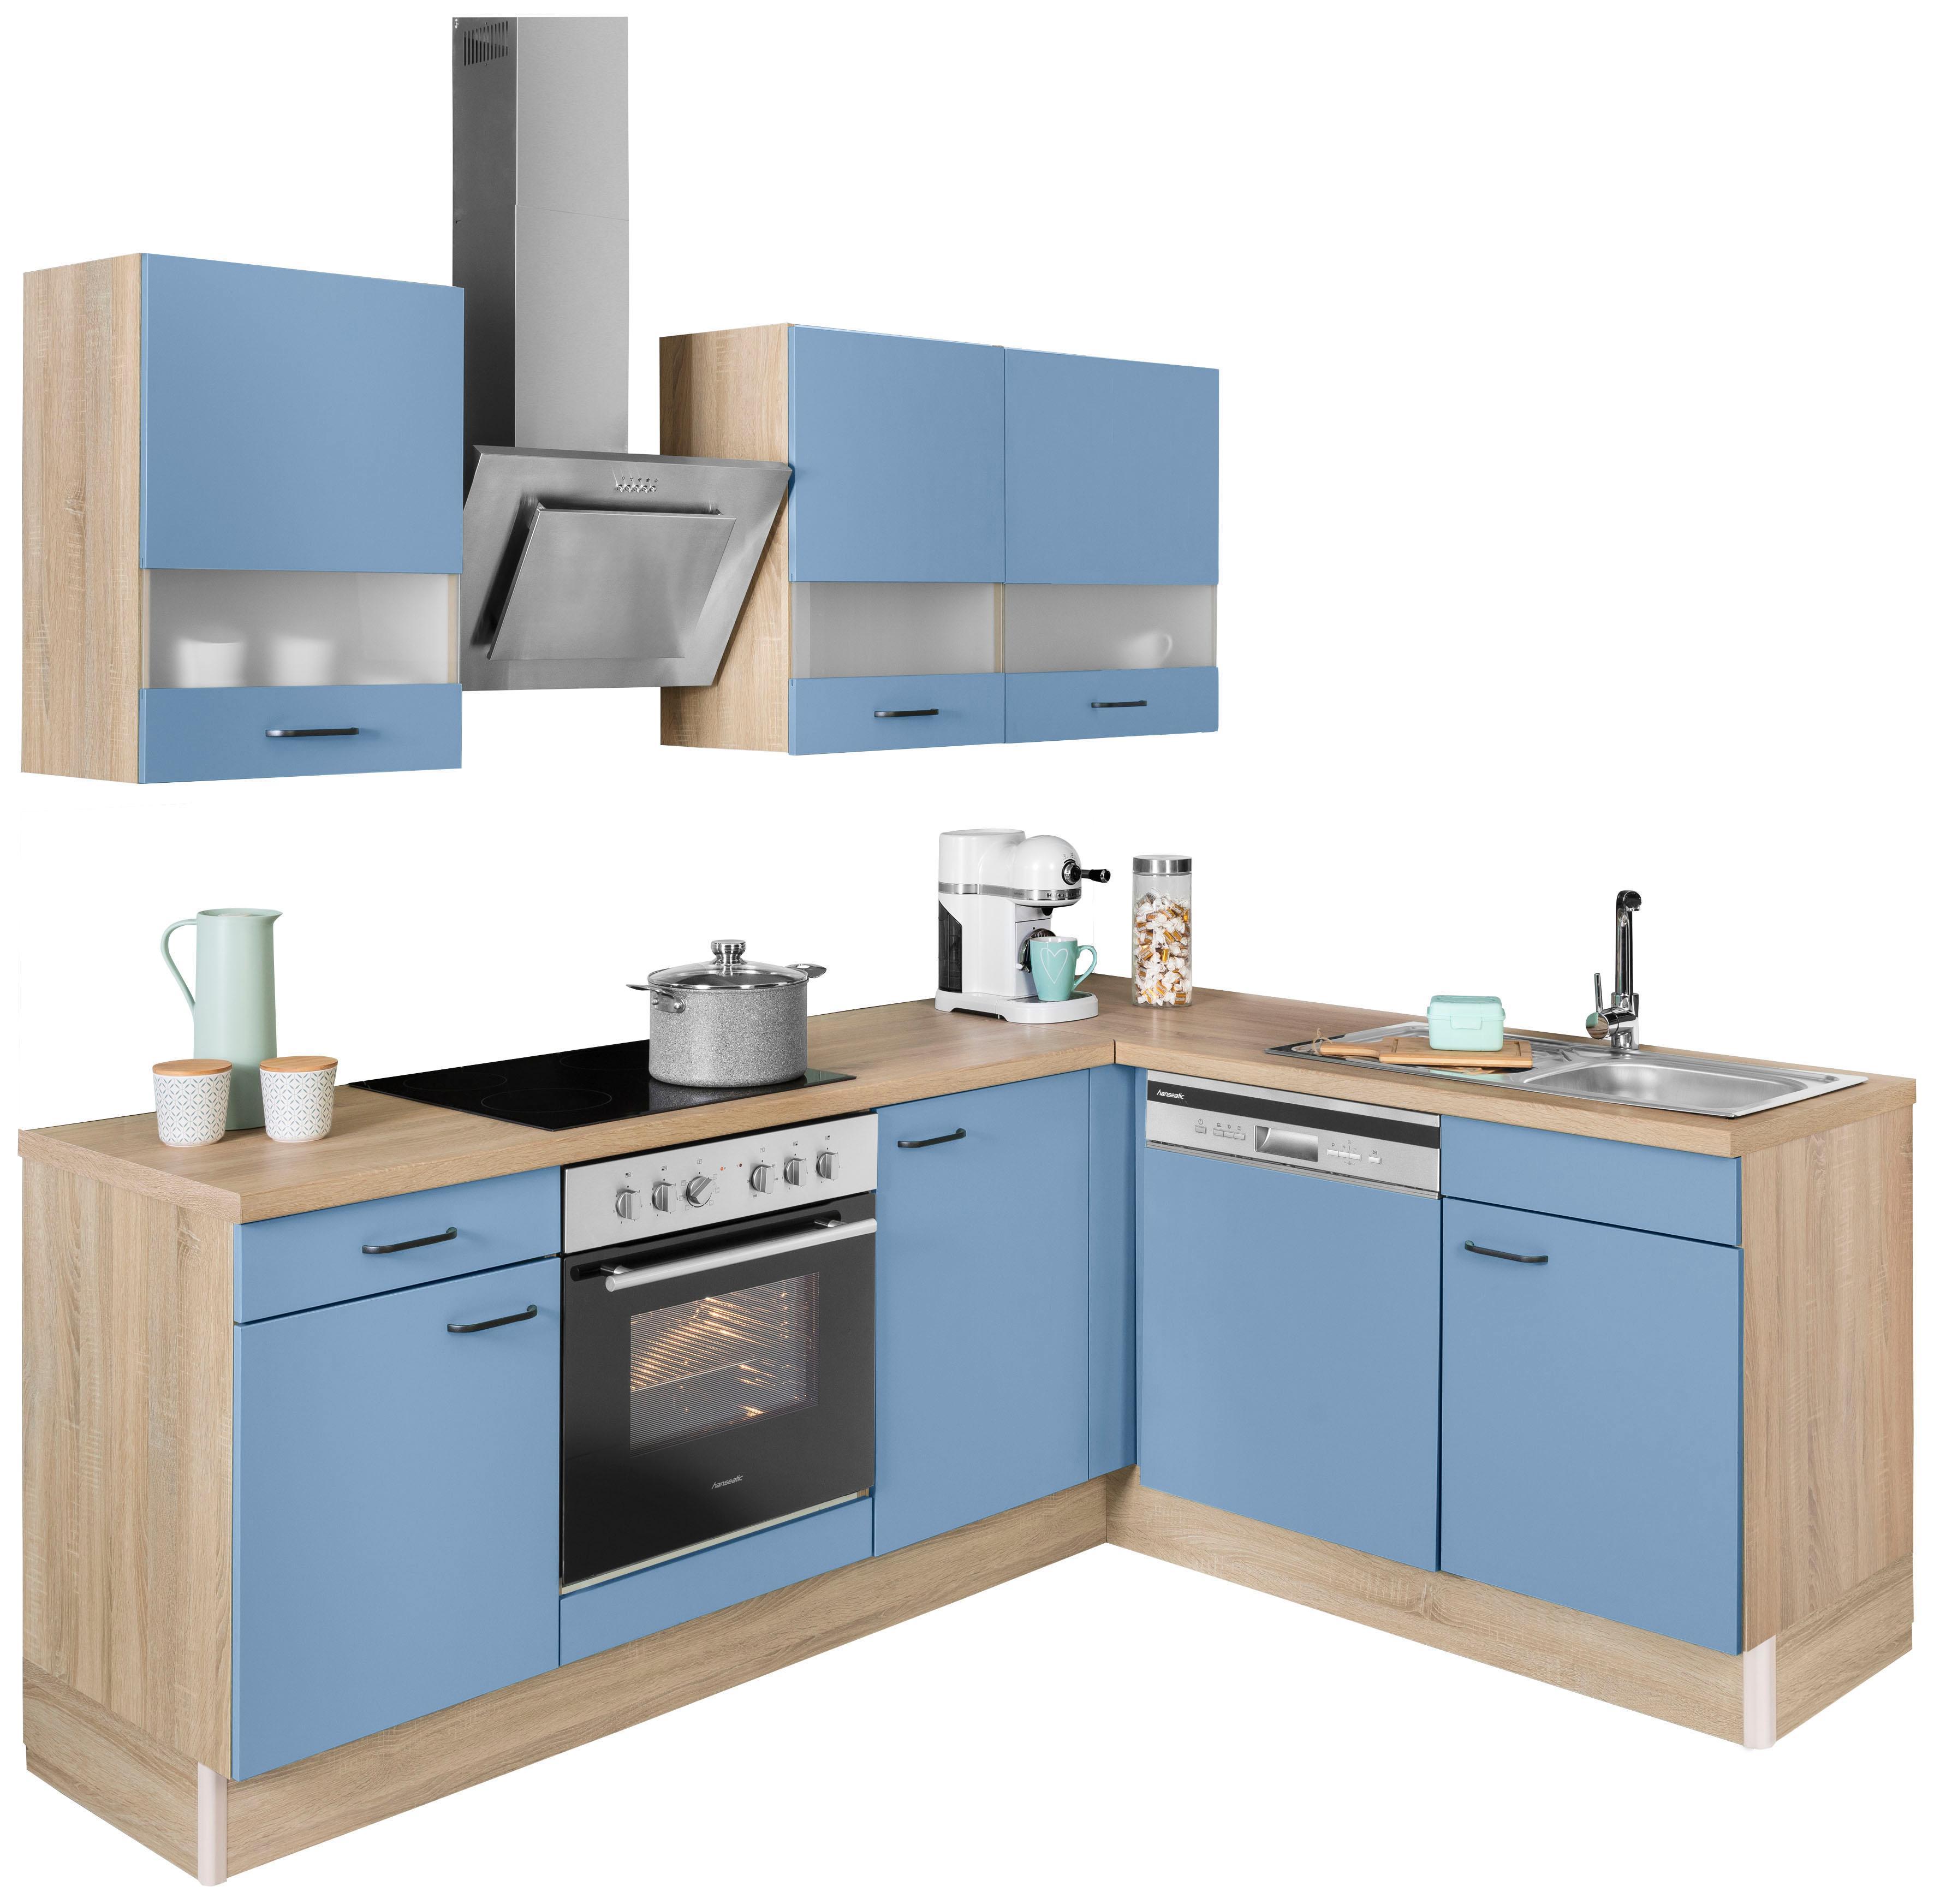 OPTIFIT Winkelküche Elga | Küche und Esszimmer > Küchen > Winkelküchen | Blau | Optifit